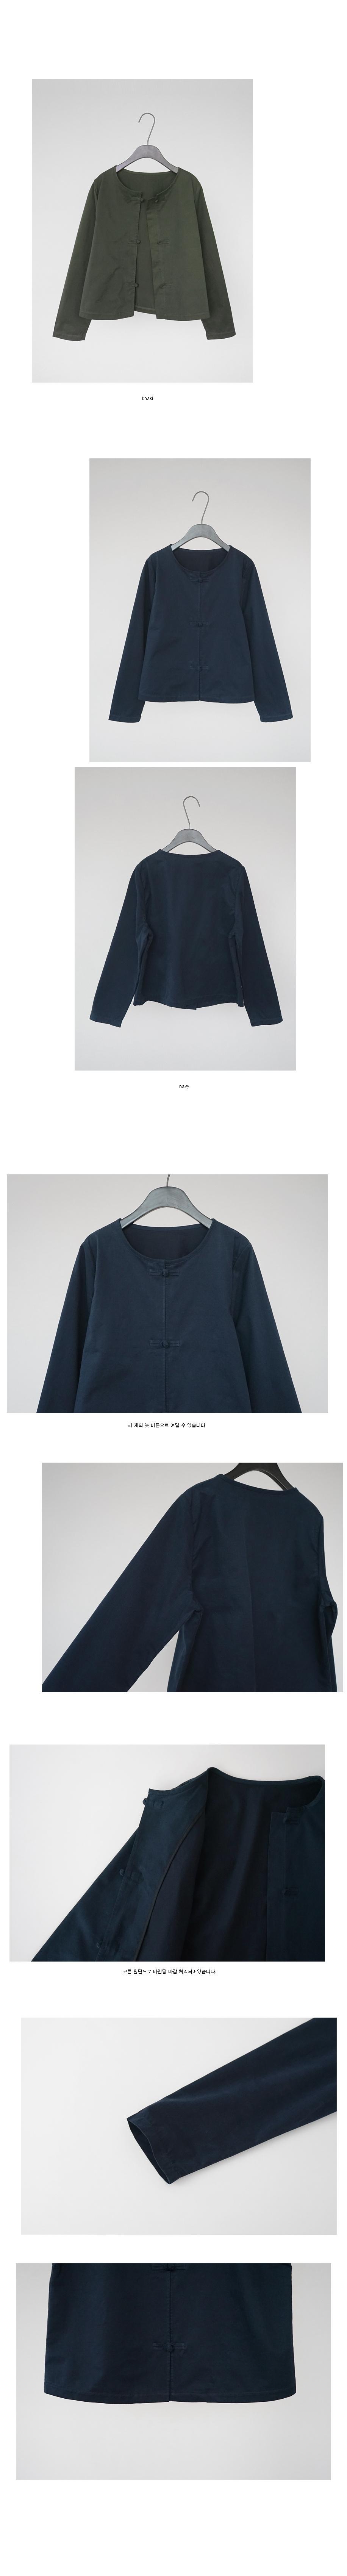 minimal gabardine knot button jacket (khaki)